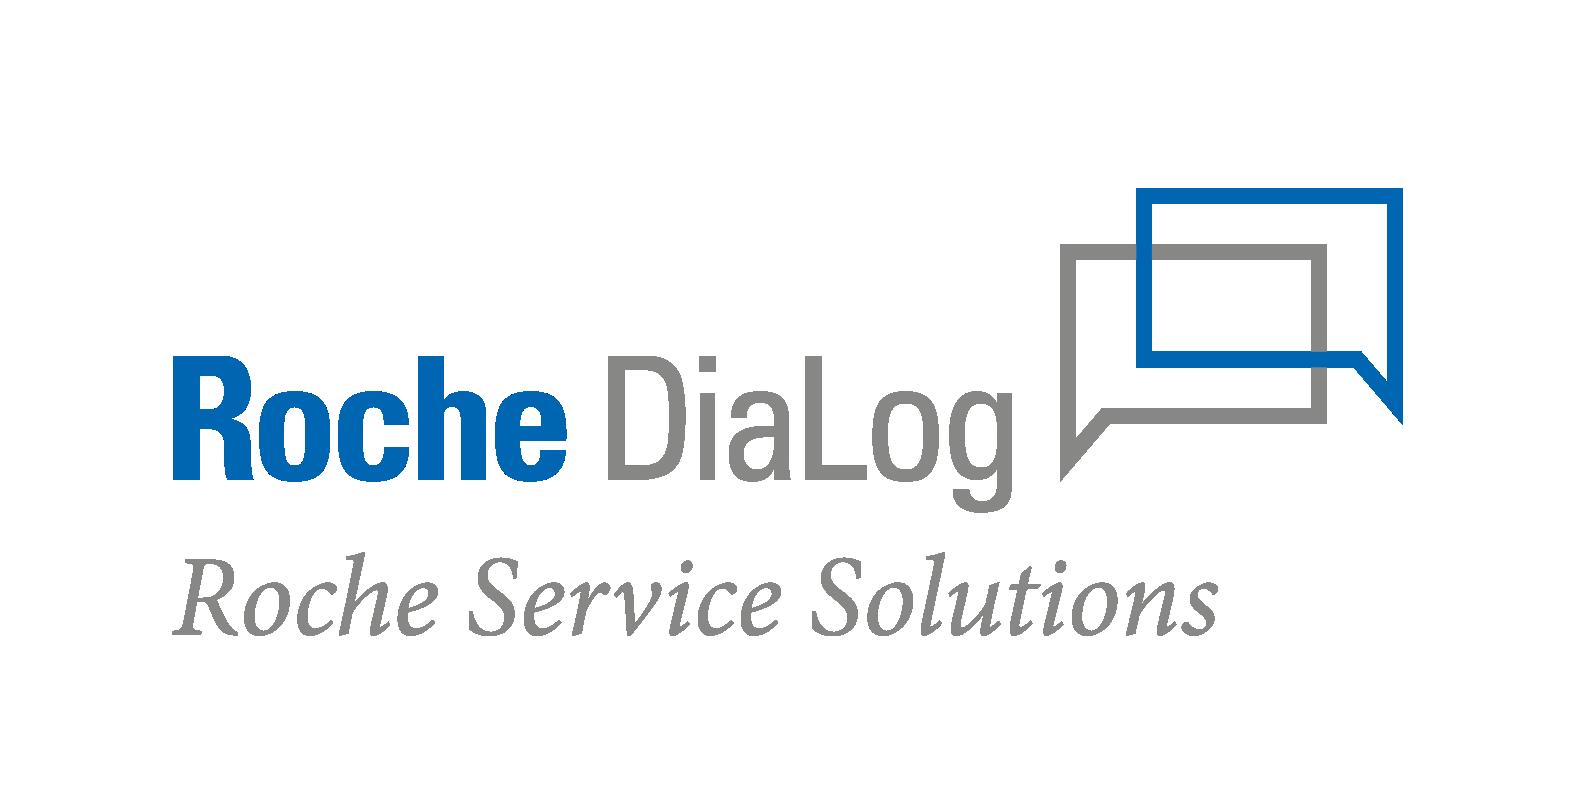 Roche DiaLog